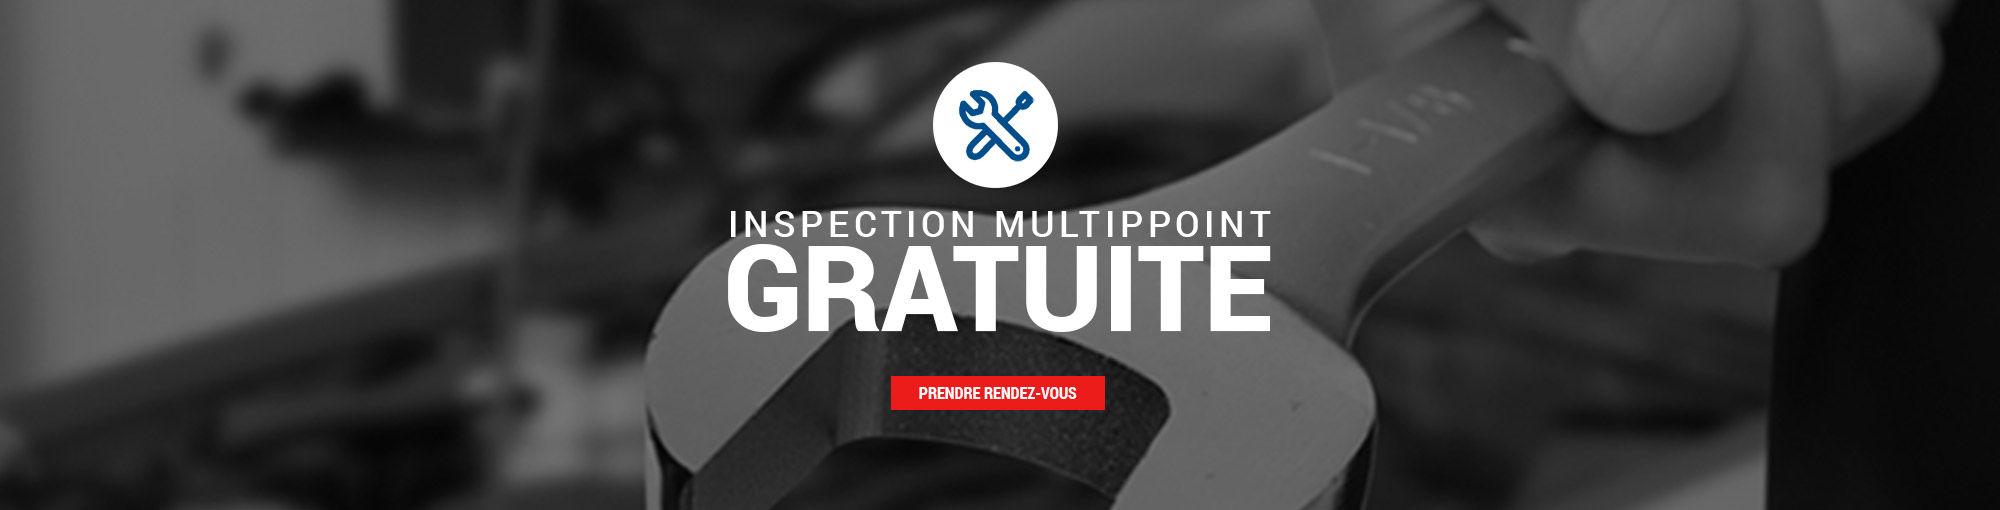 Inspection multipoint et assistance routière 2019 - main header Hyundai